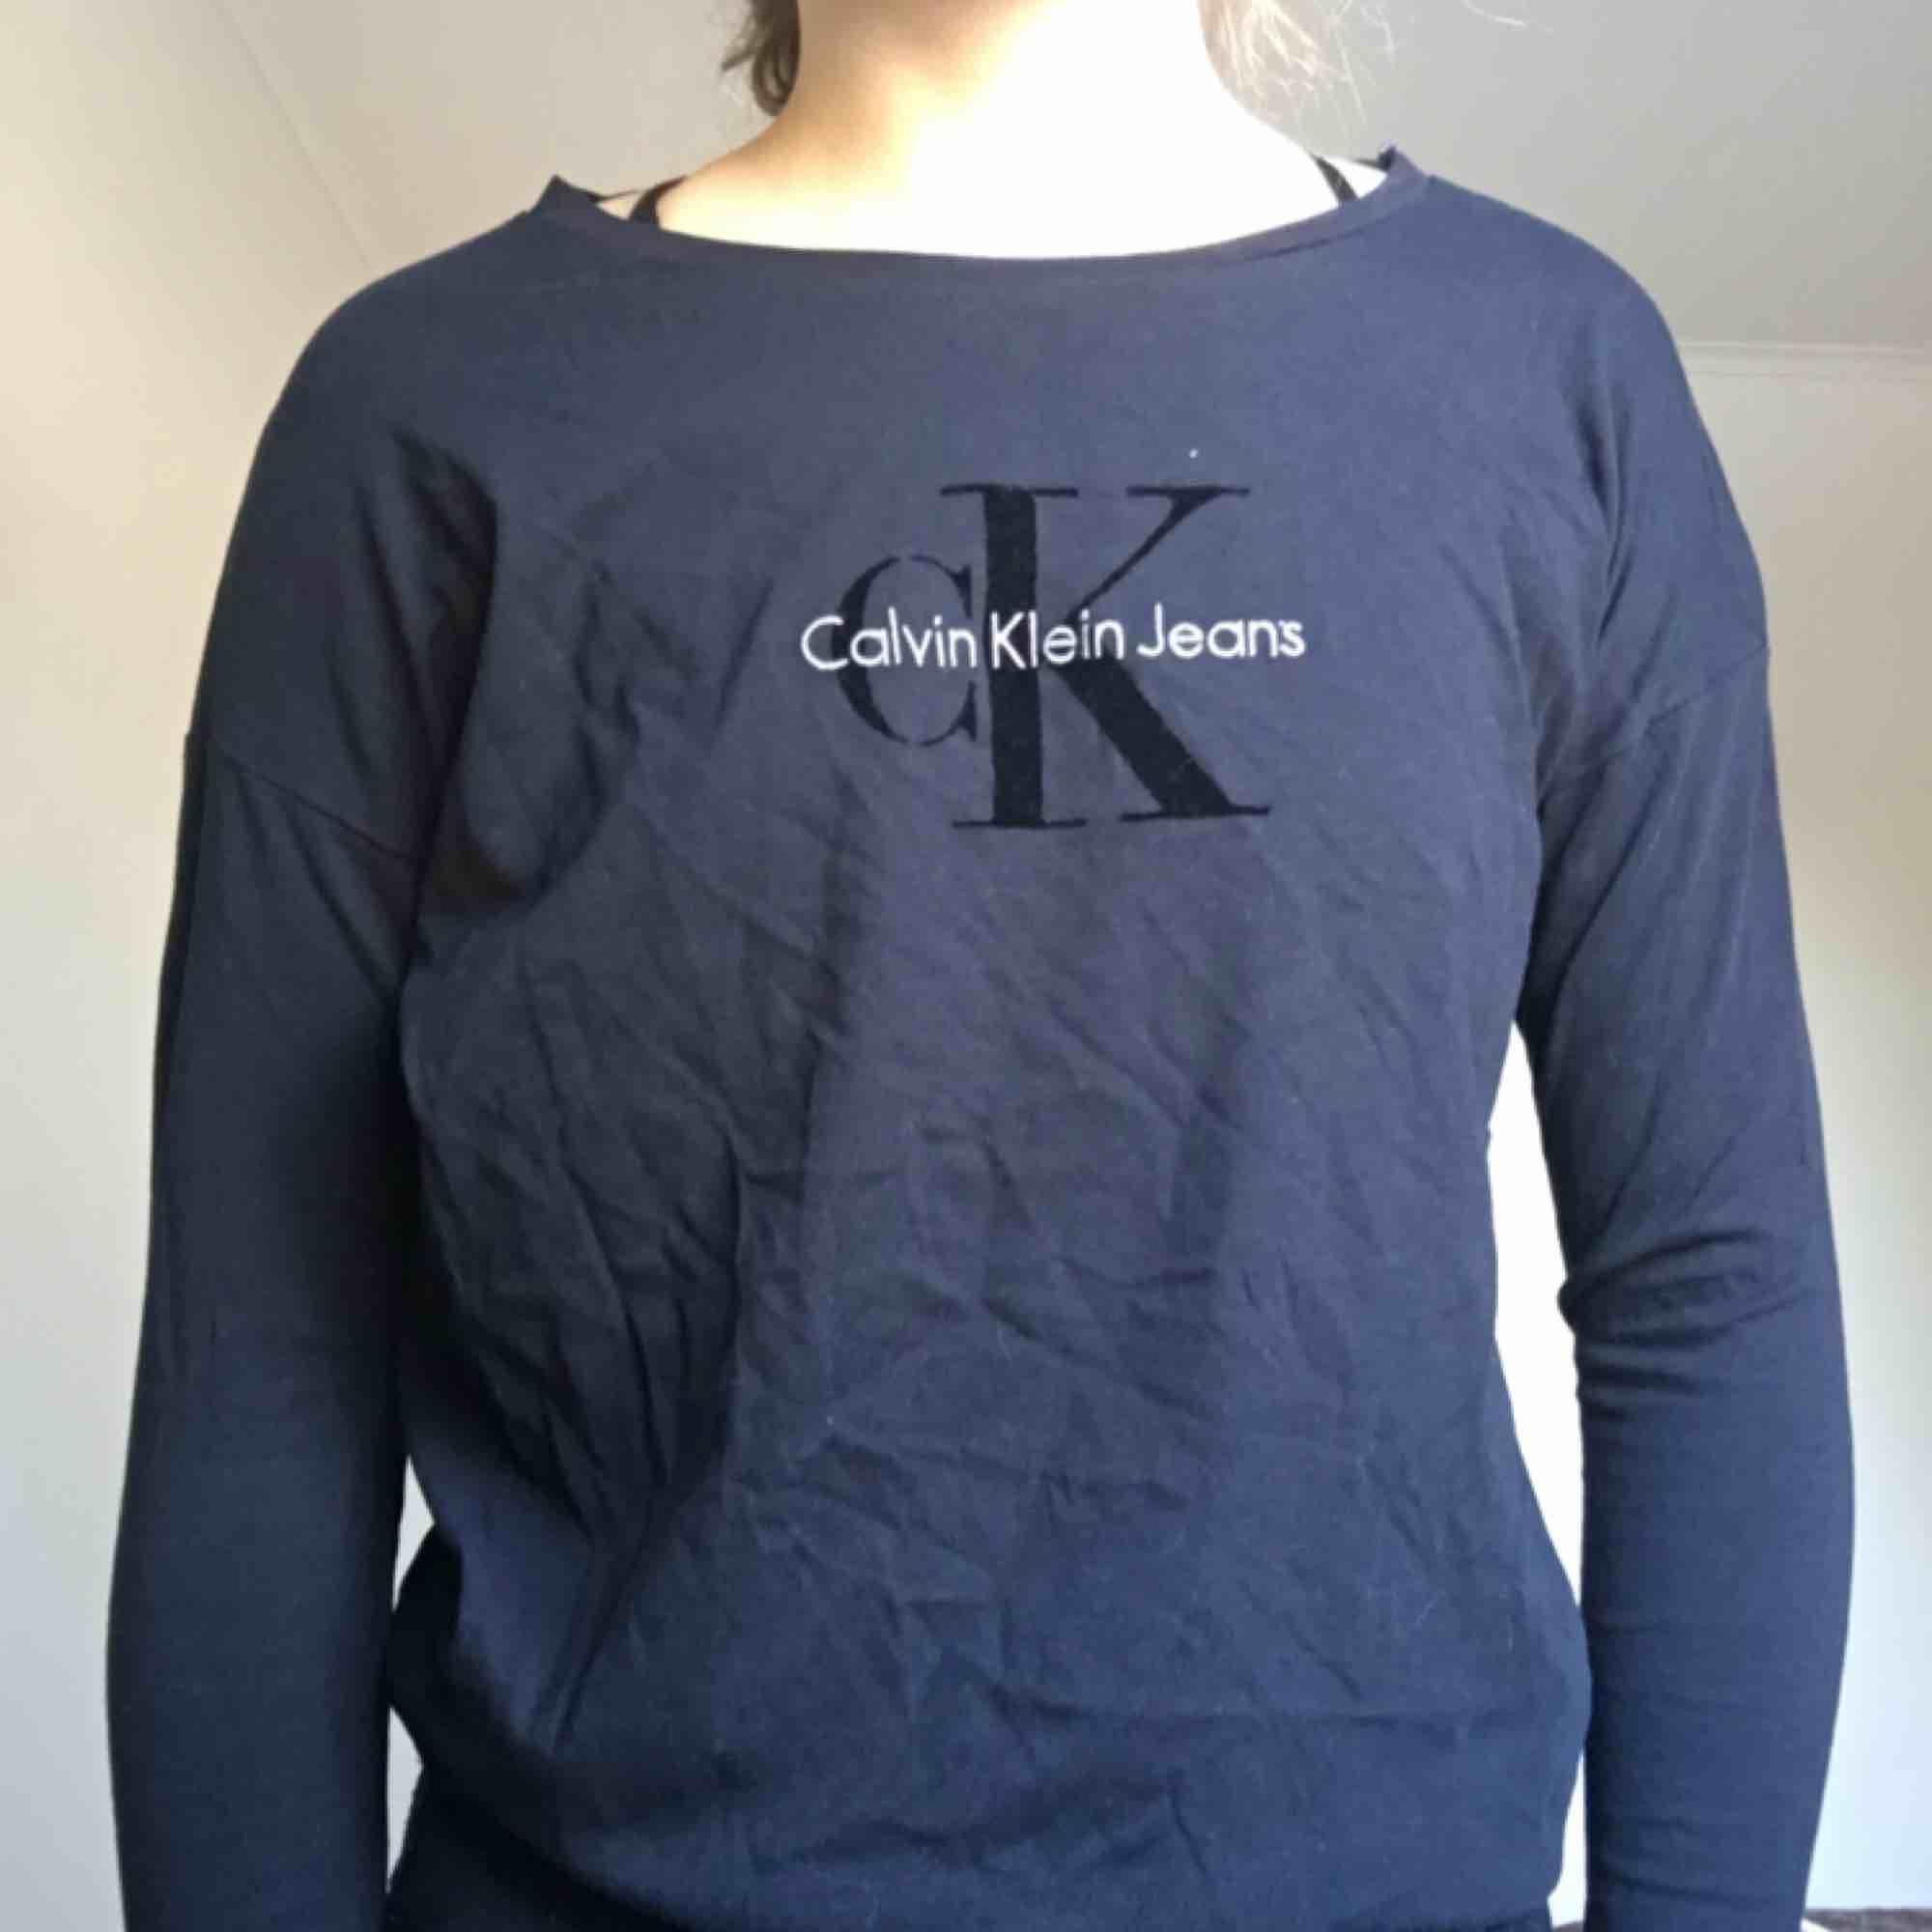 Helt ny Calvin tröja med prislapp kvar, köpt för 599kr❤️. Tröjor & Koftor.